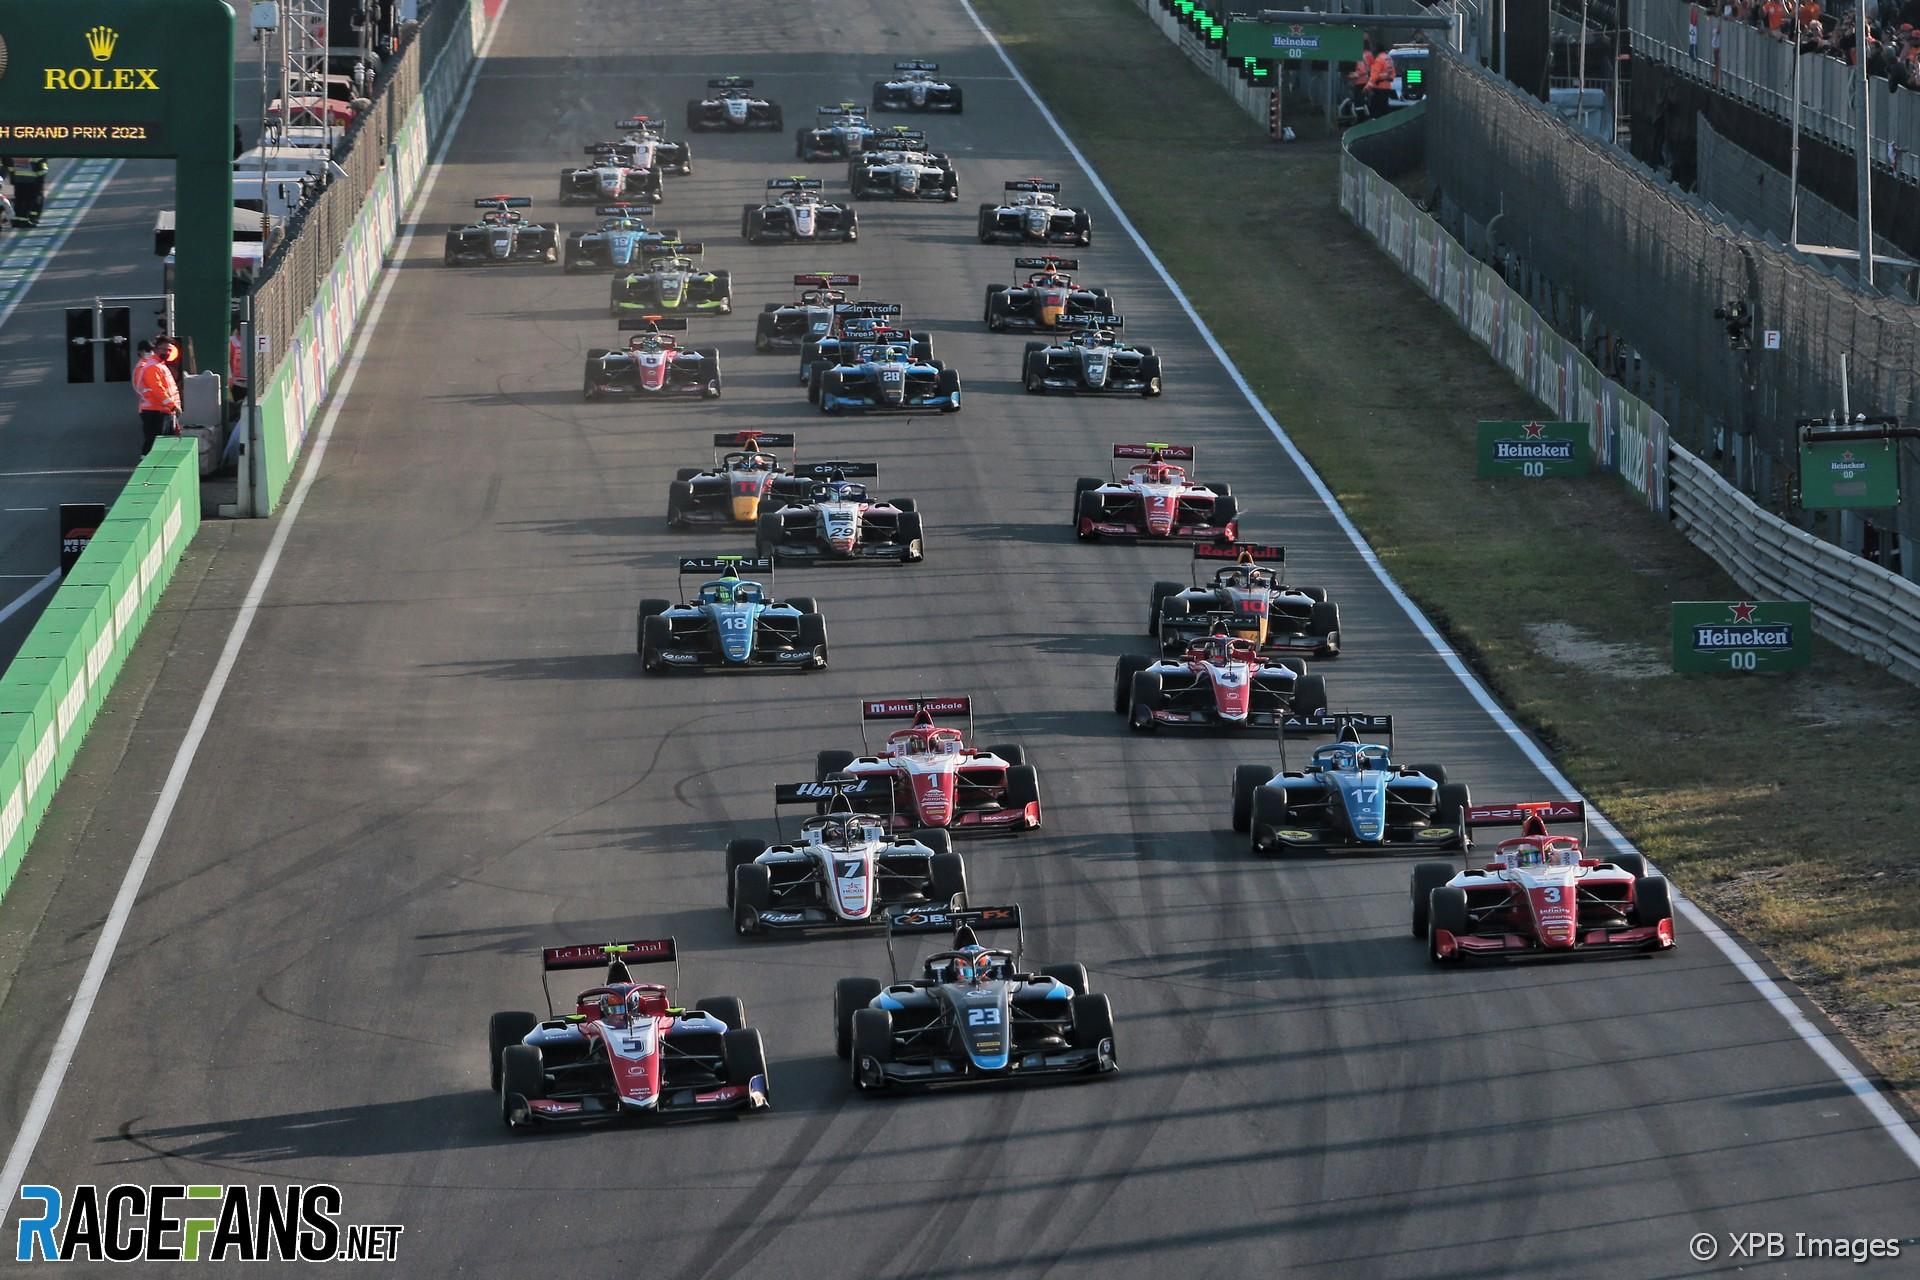 Start, race two, Formula 3, Zandvoort, 2021